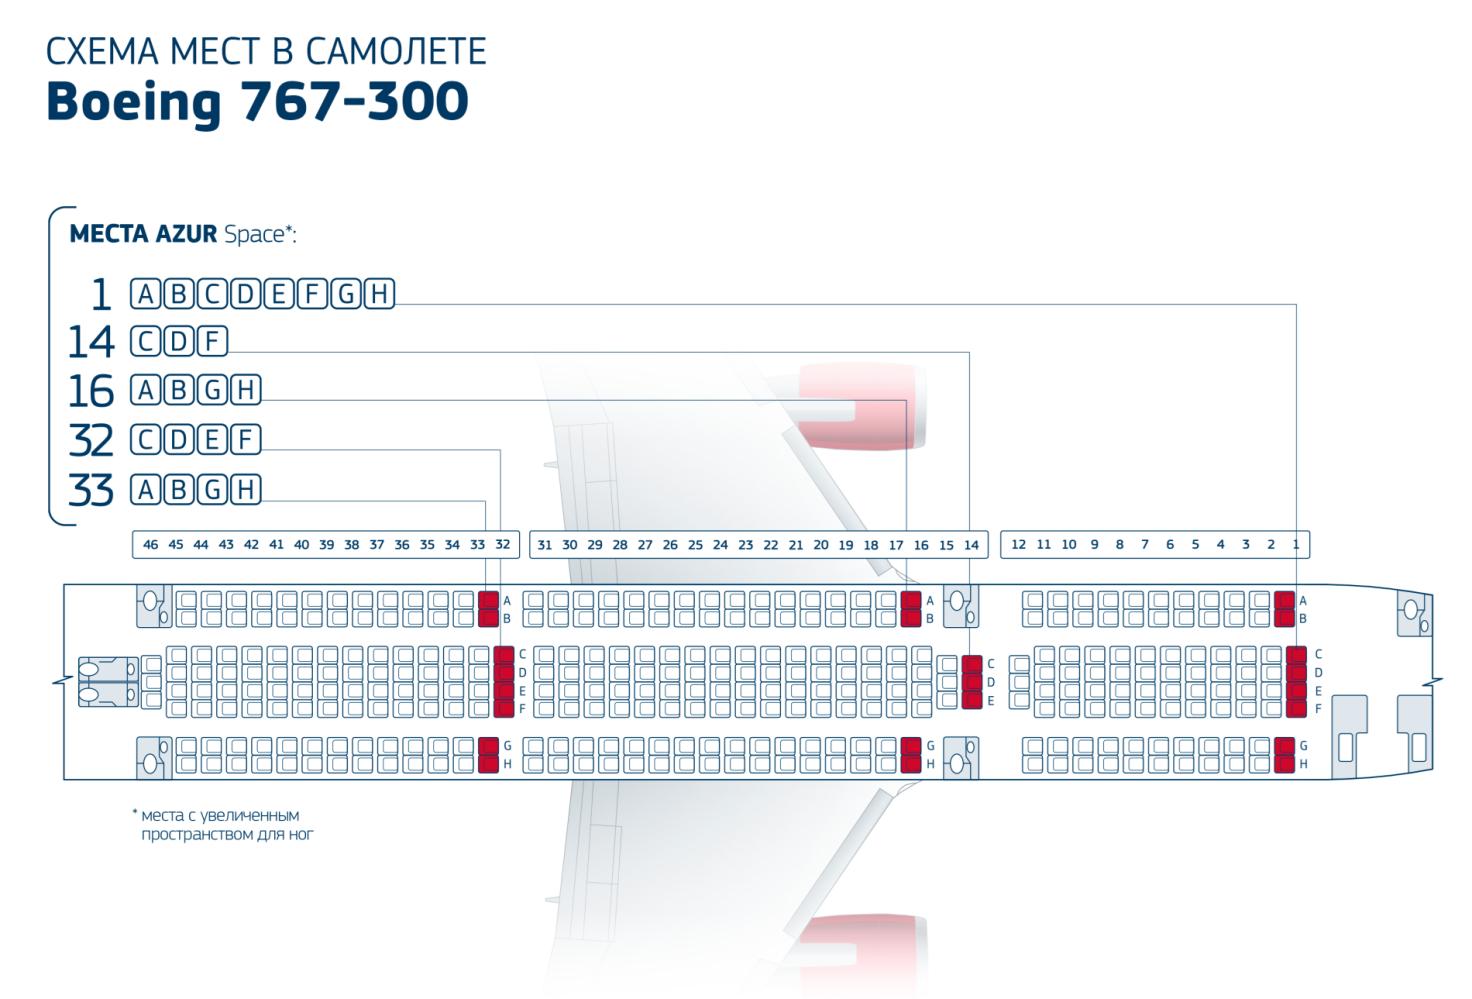 767 300 боинг схема самолета